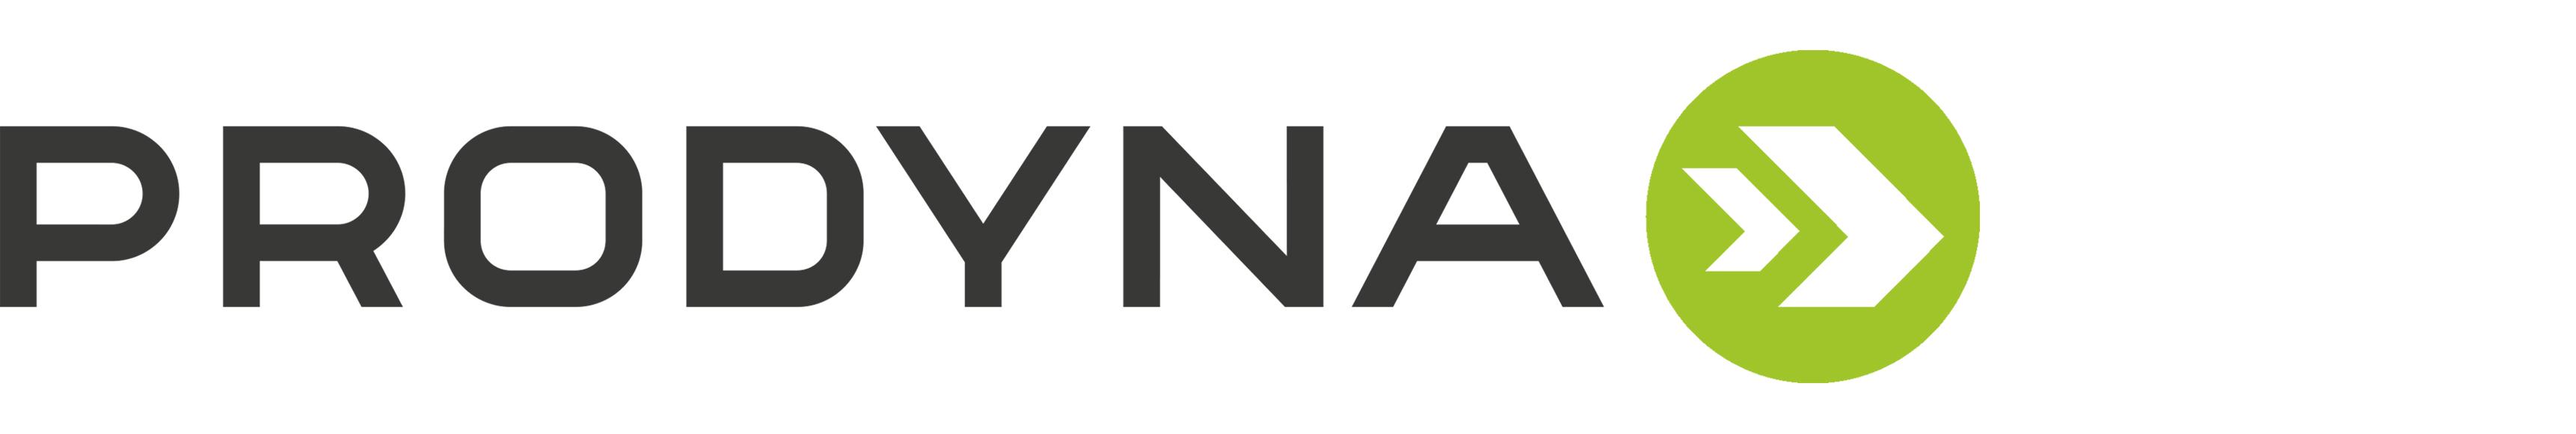 Recruiting Landing Page Logo 3